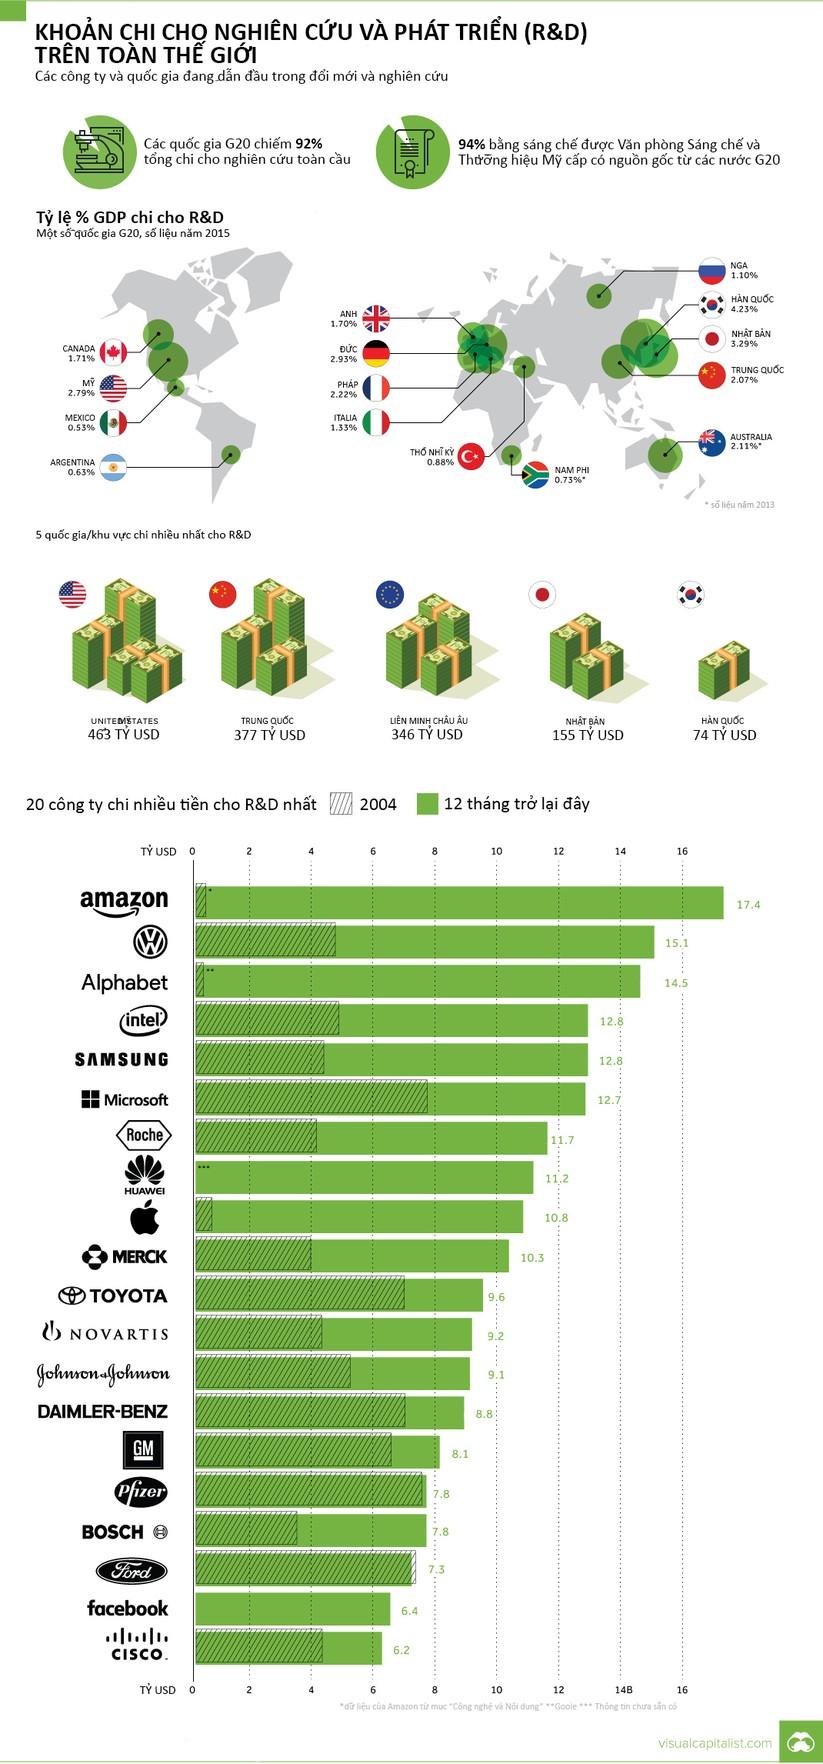 Quốc gia và công ty nào chi nhiều tiền nhất cho hoạt động R&D? ảnh 2